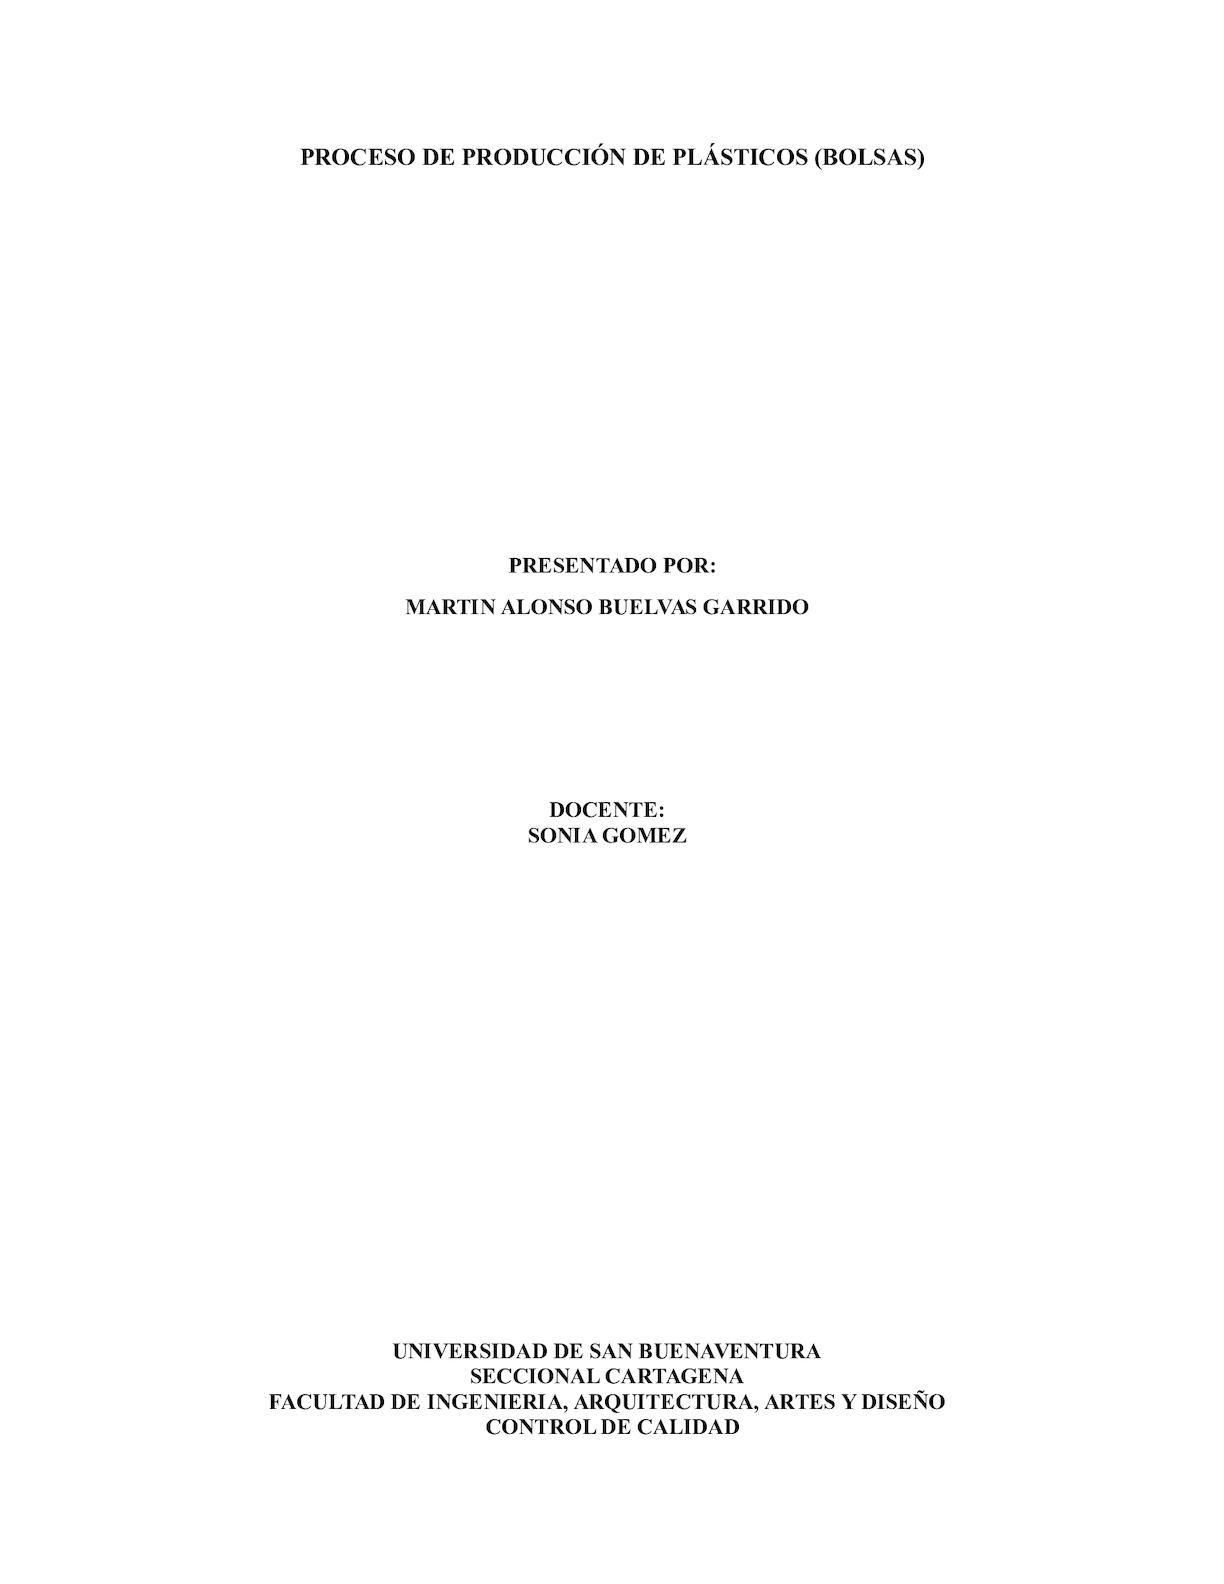 PROCESO DE PRODUCCIÓN DE PLASTICOS (BOLSAS)